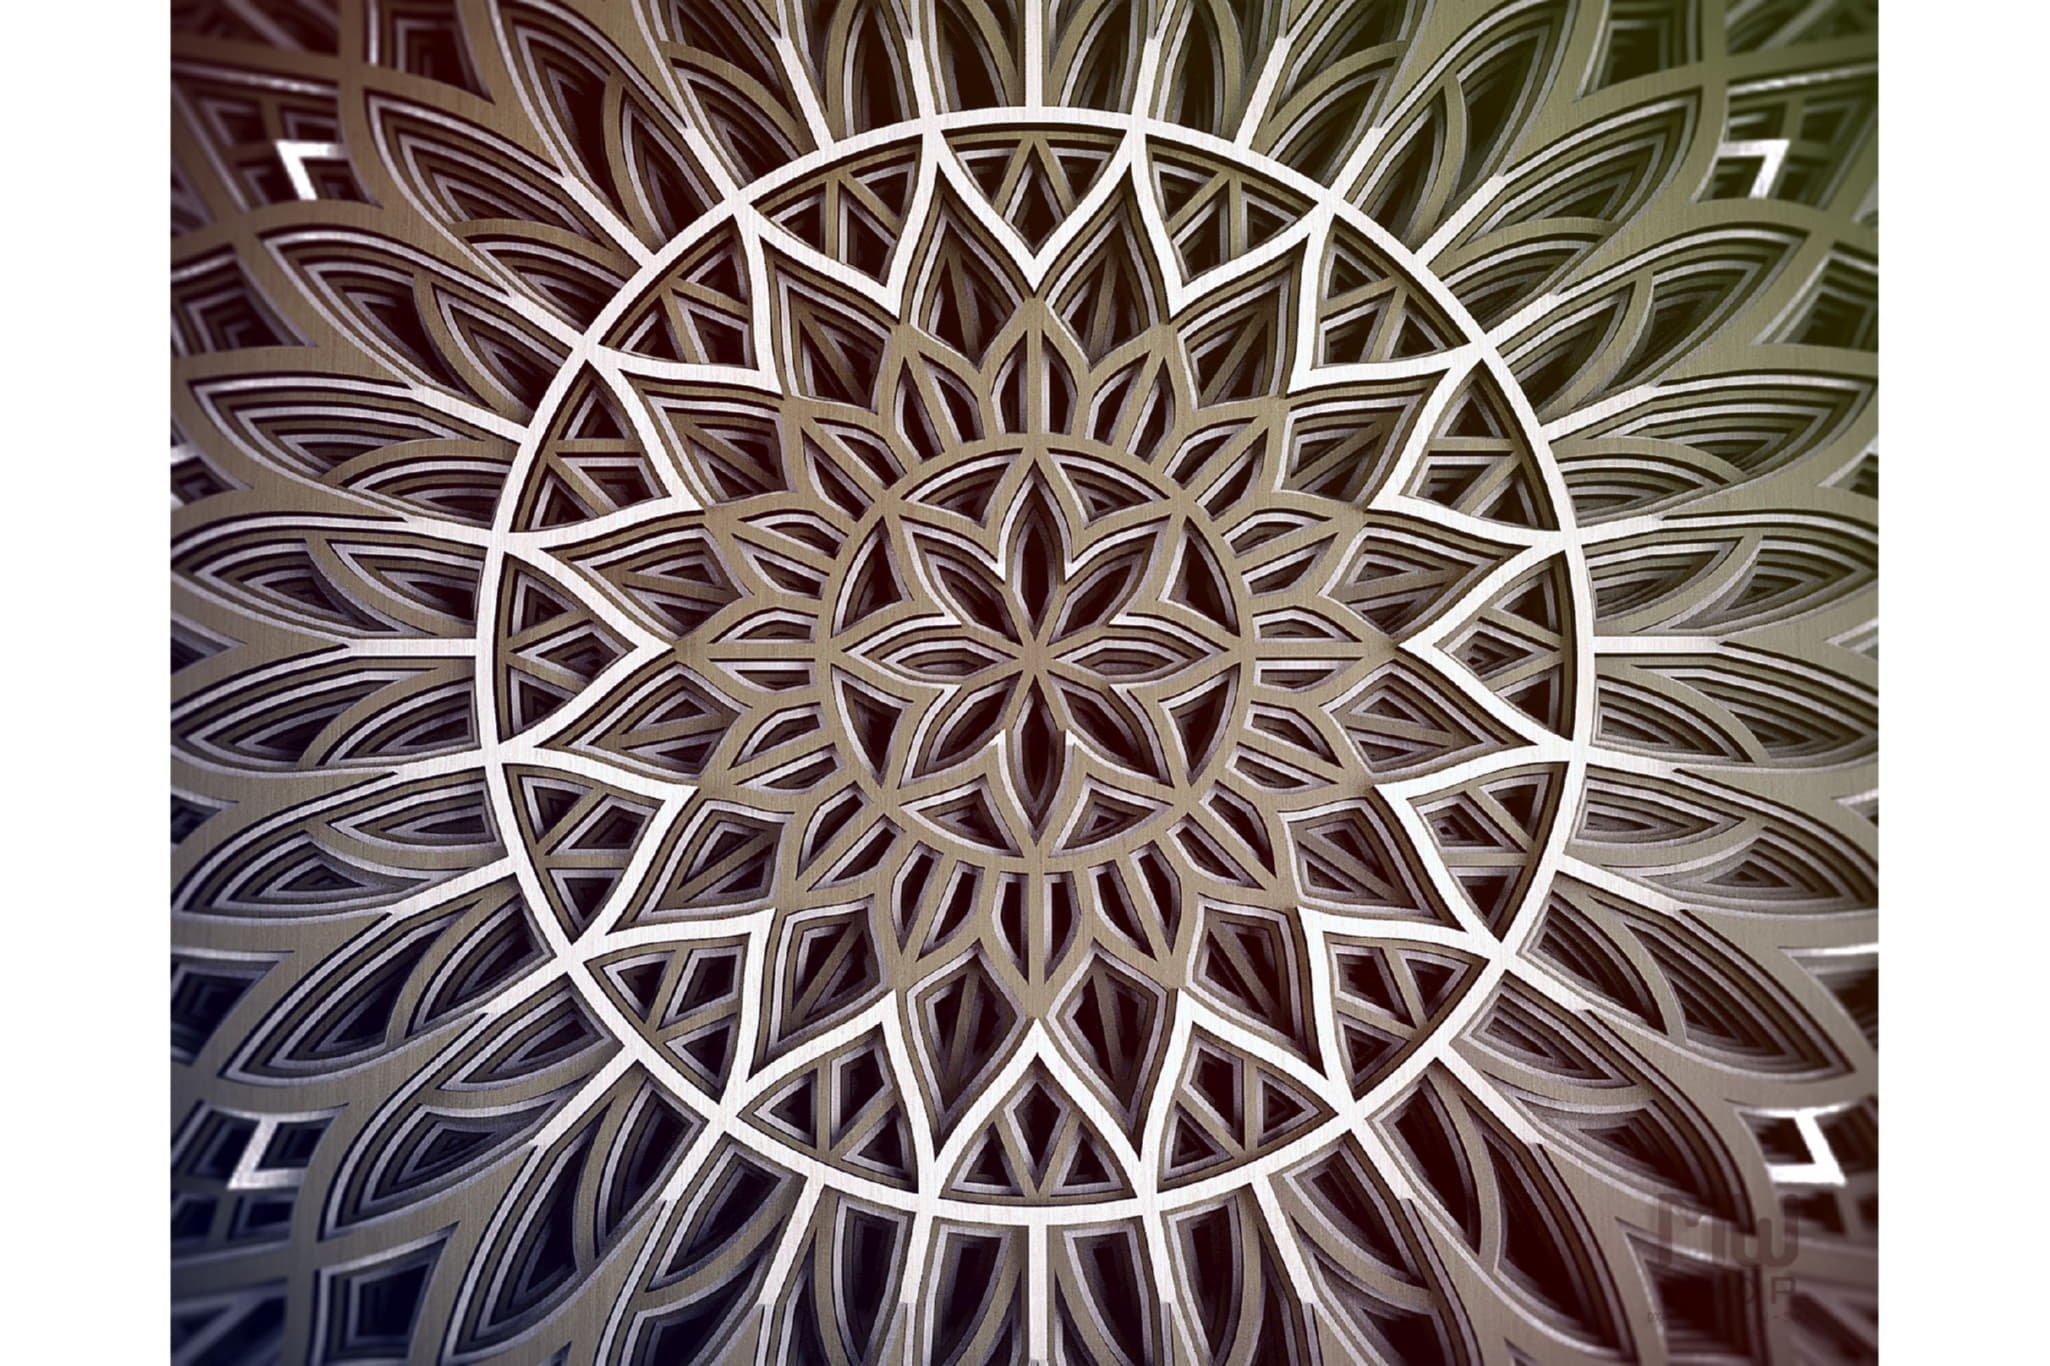 M94 - Flower Mandala DXF file, Multilayer Mandala SVG example image 10